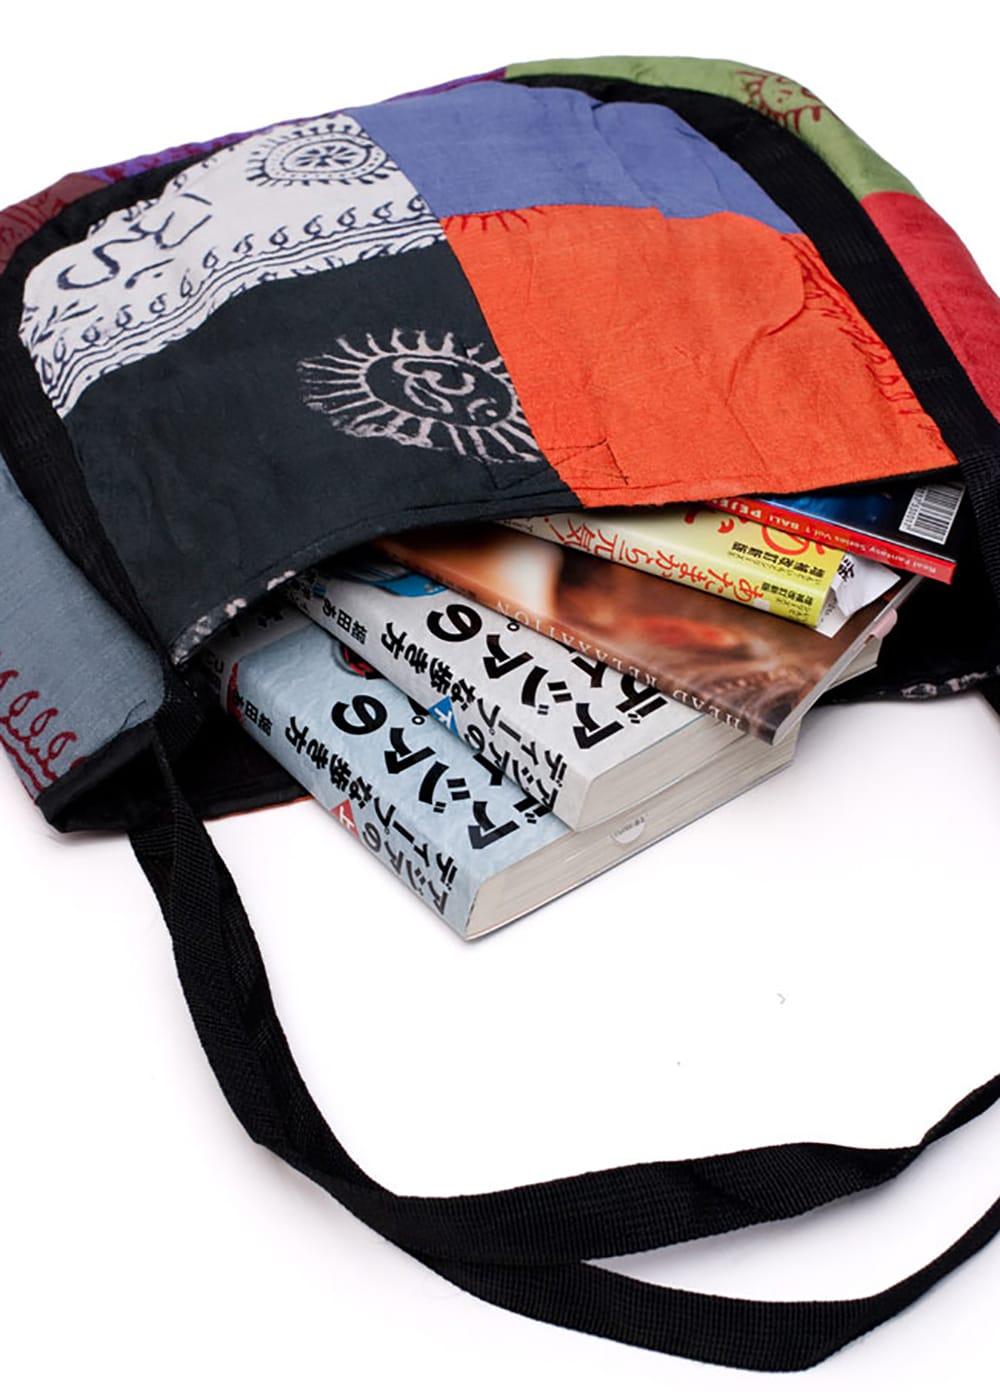 パッチワークトートバッグ 【ラムナミ】 7 - たっぷり収納できます。